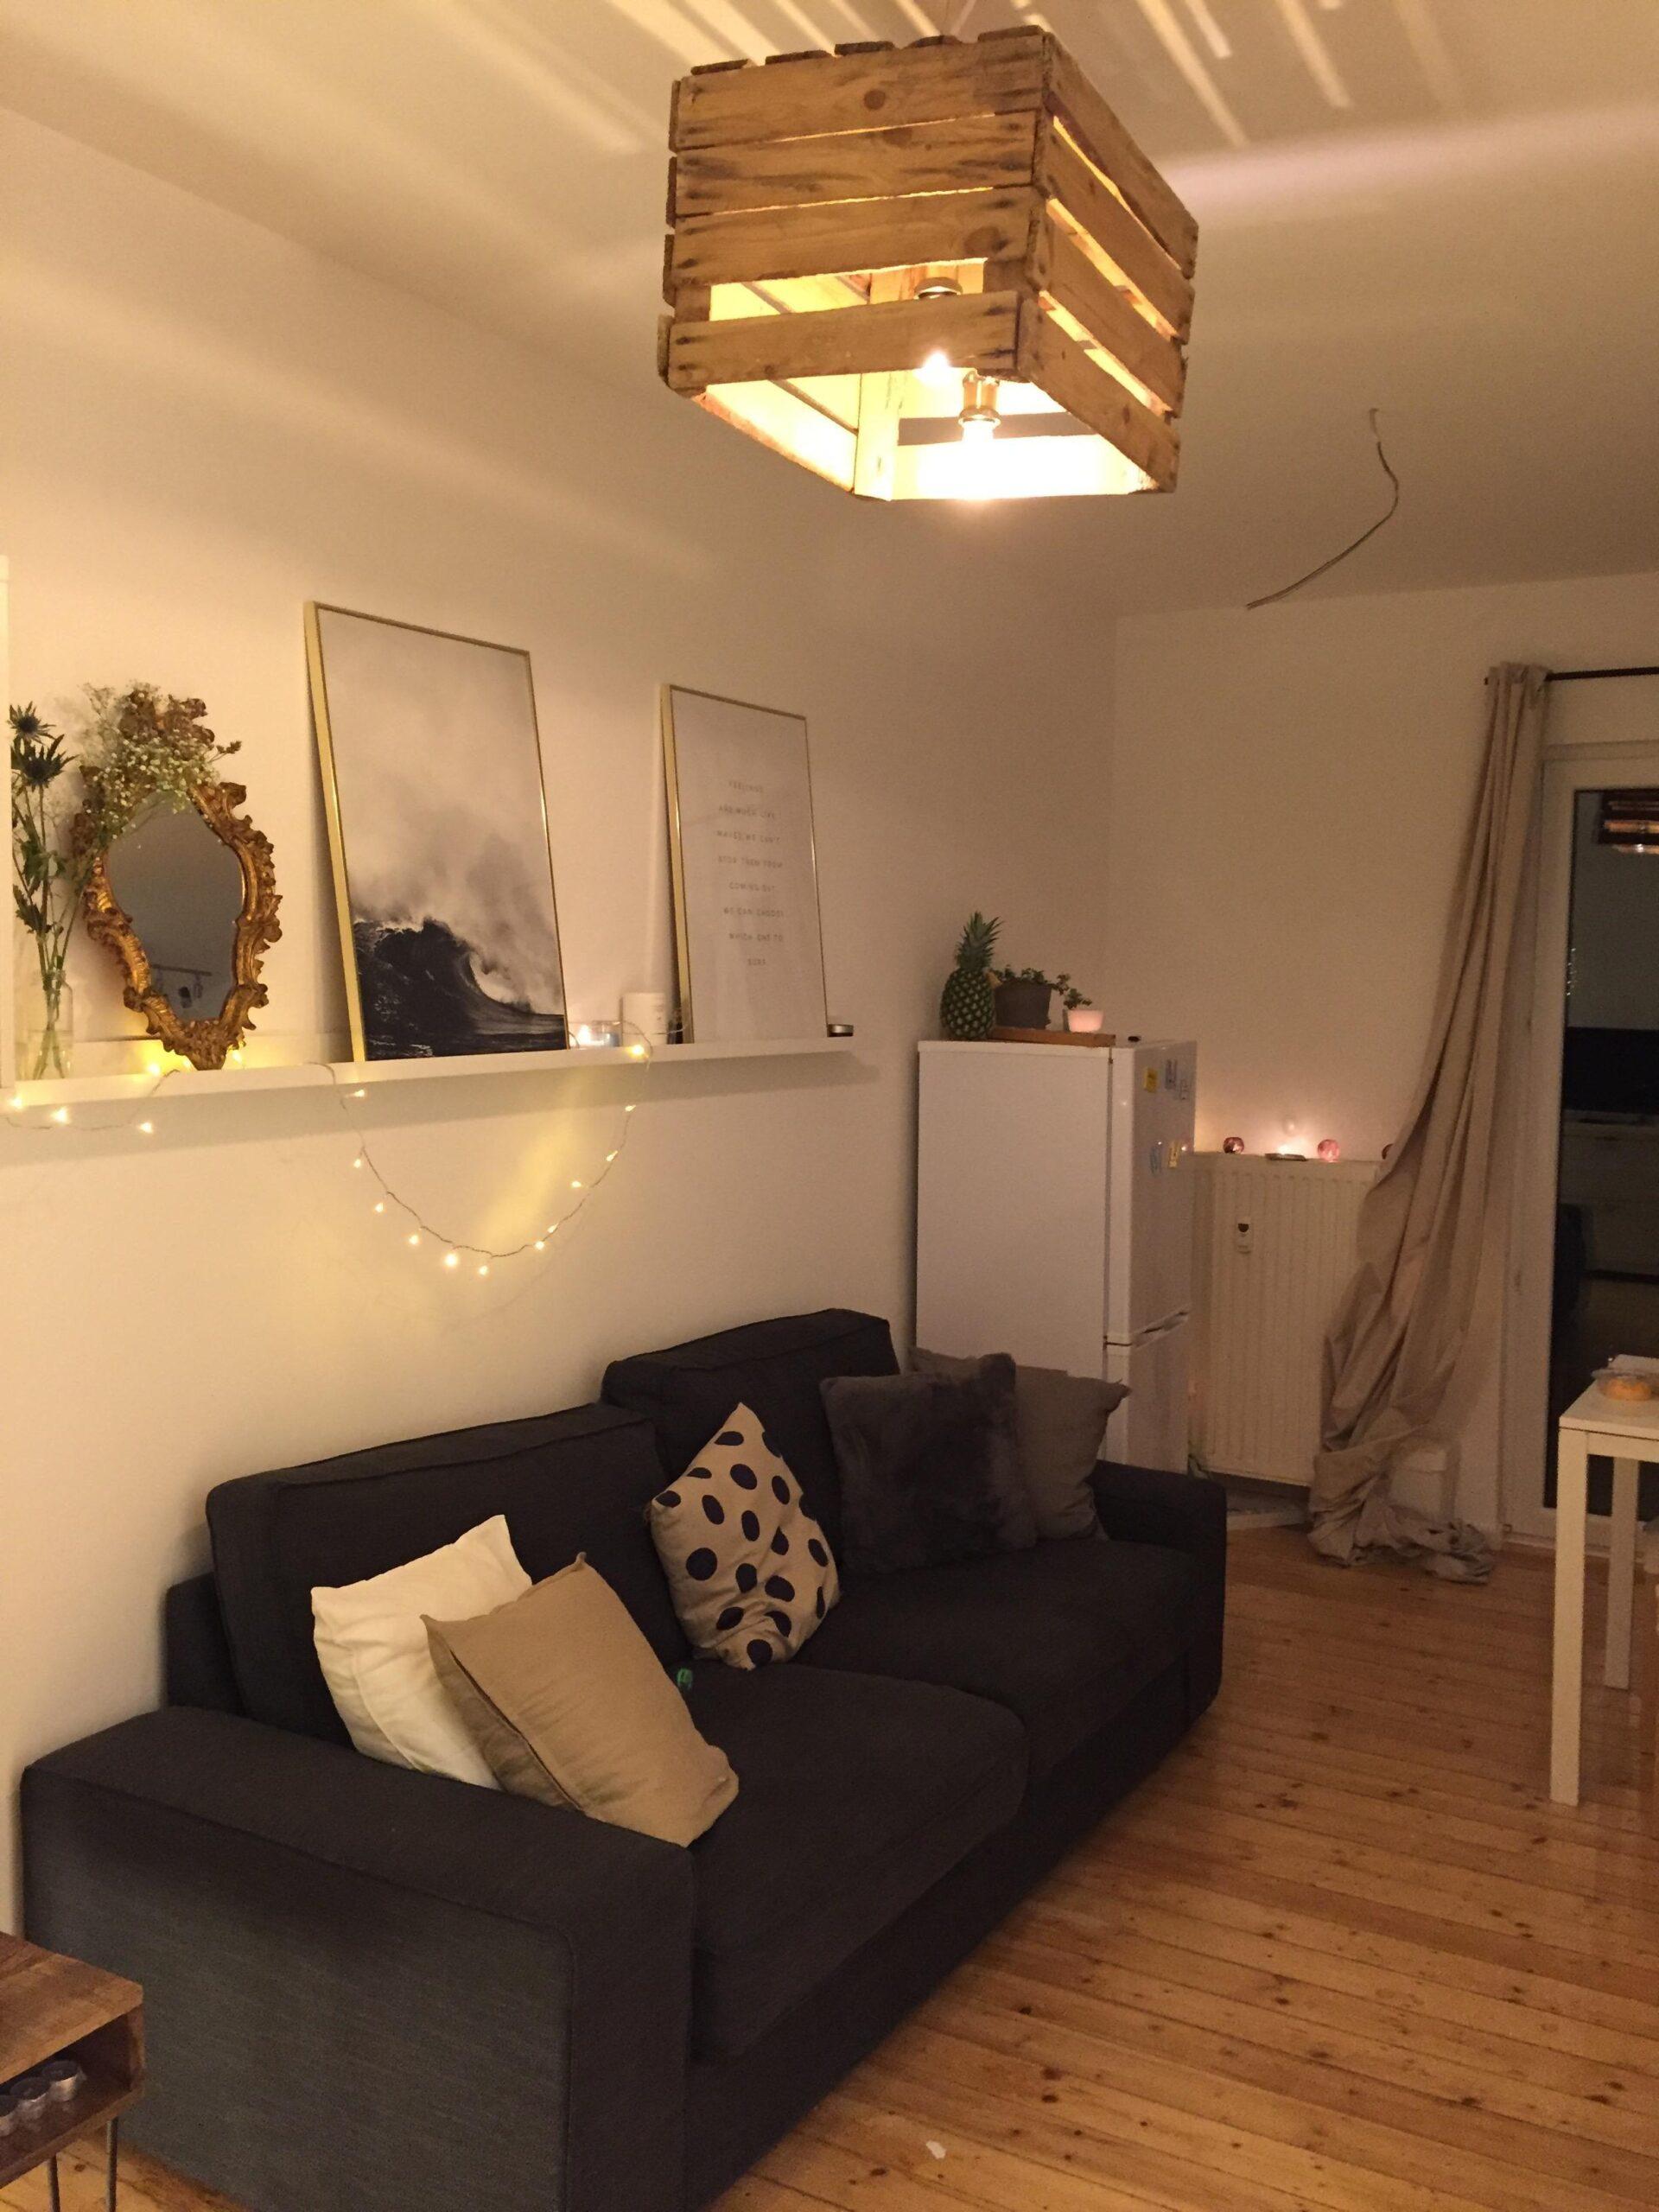 Full Size of Ikea Wohnzimmer Lampe Lampen Decke Fr Mit Diy Desenio Scandi L Led Tisch Bilder Fürs Vorhänge Stehlampen Schlafzimmer Gardinen Beleuchtung Deckenlampe Wohnzimmer Ikea Wohnzimmer Lampe